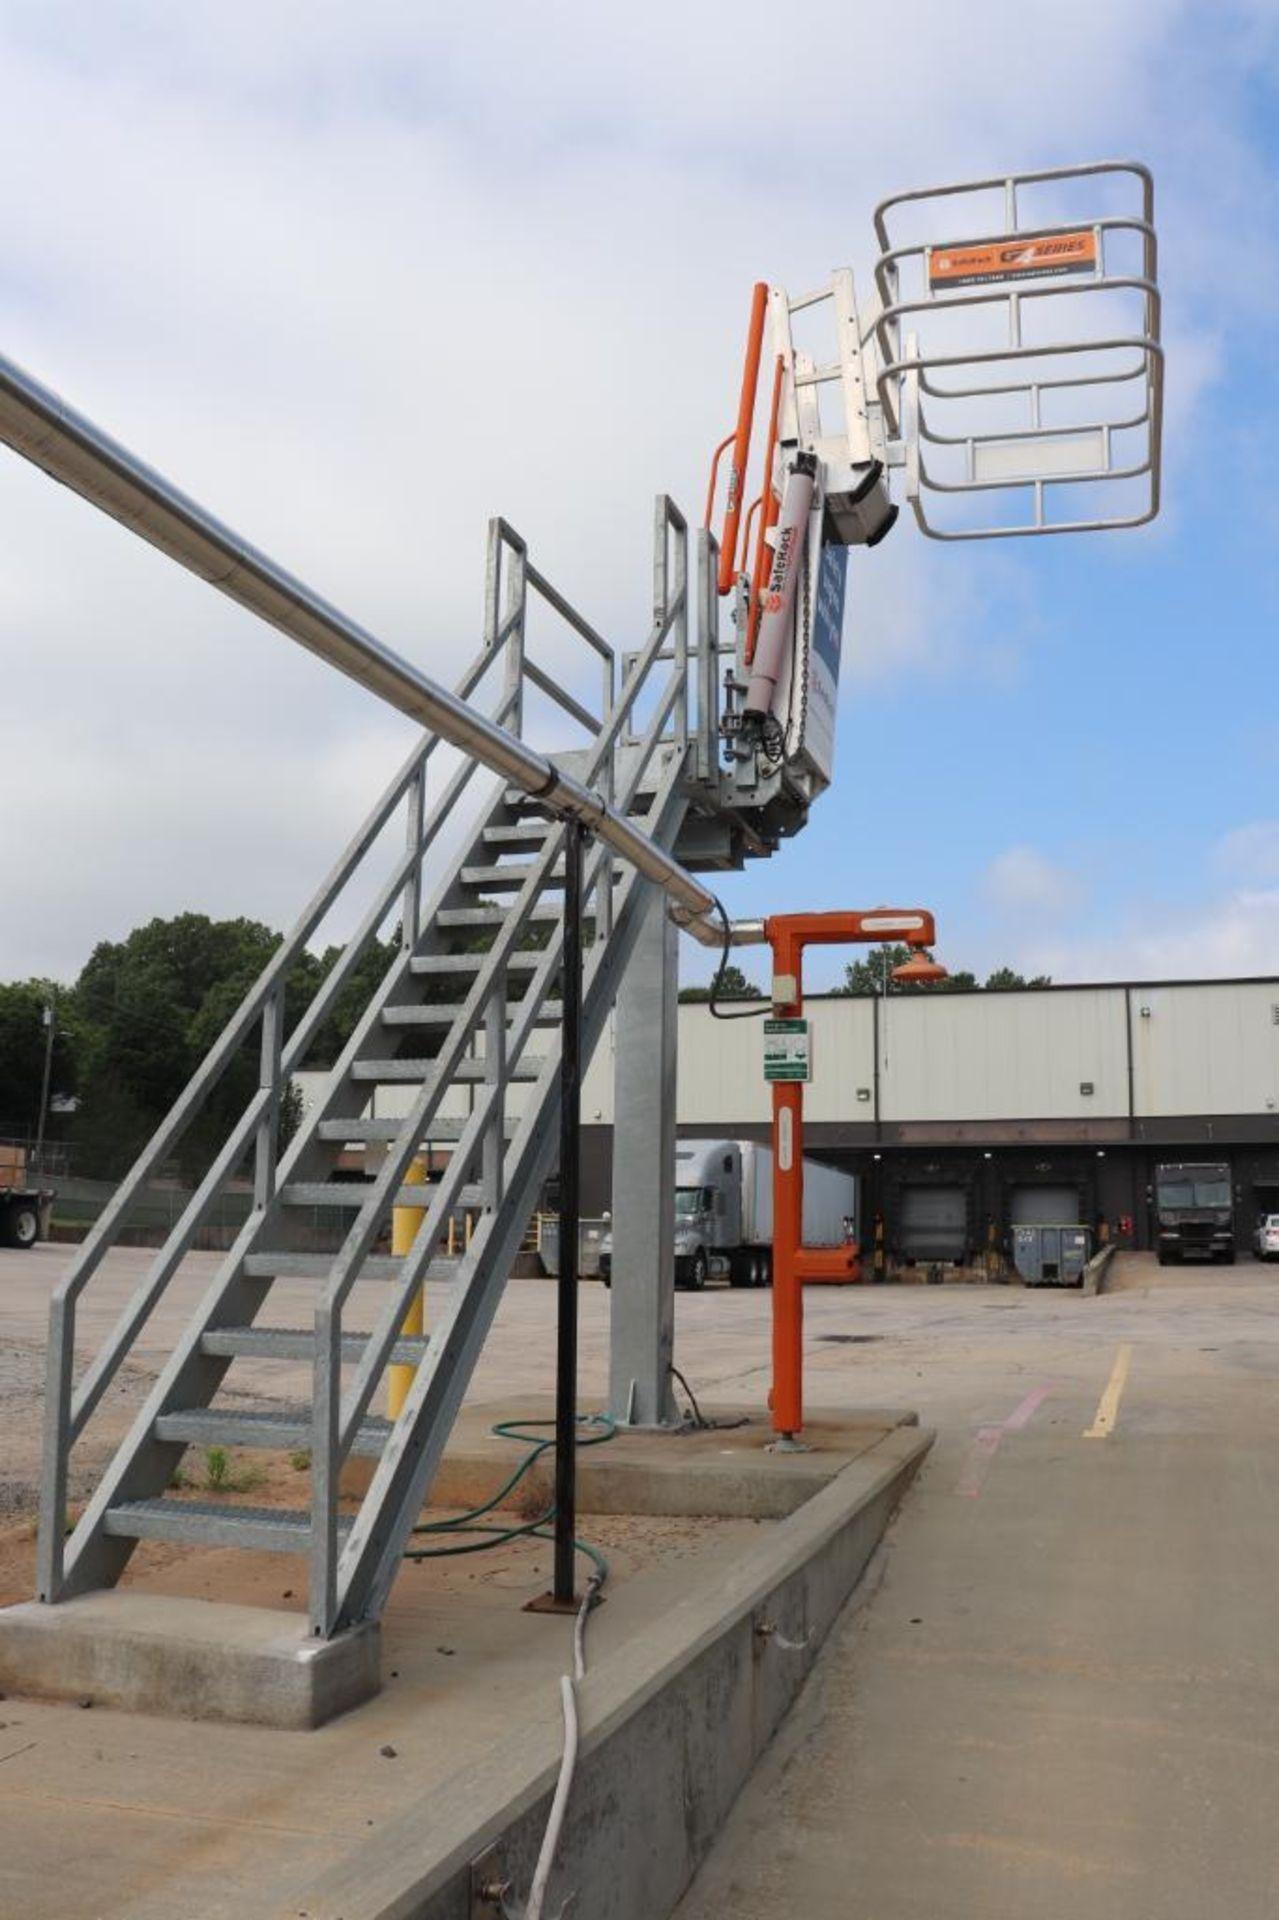 SafeRack truck loading and unloading platform - Image 2 of 10